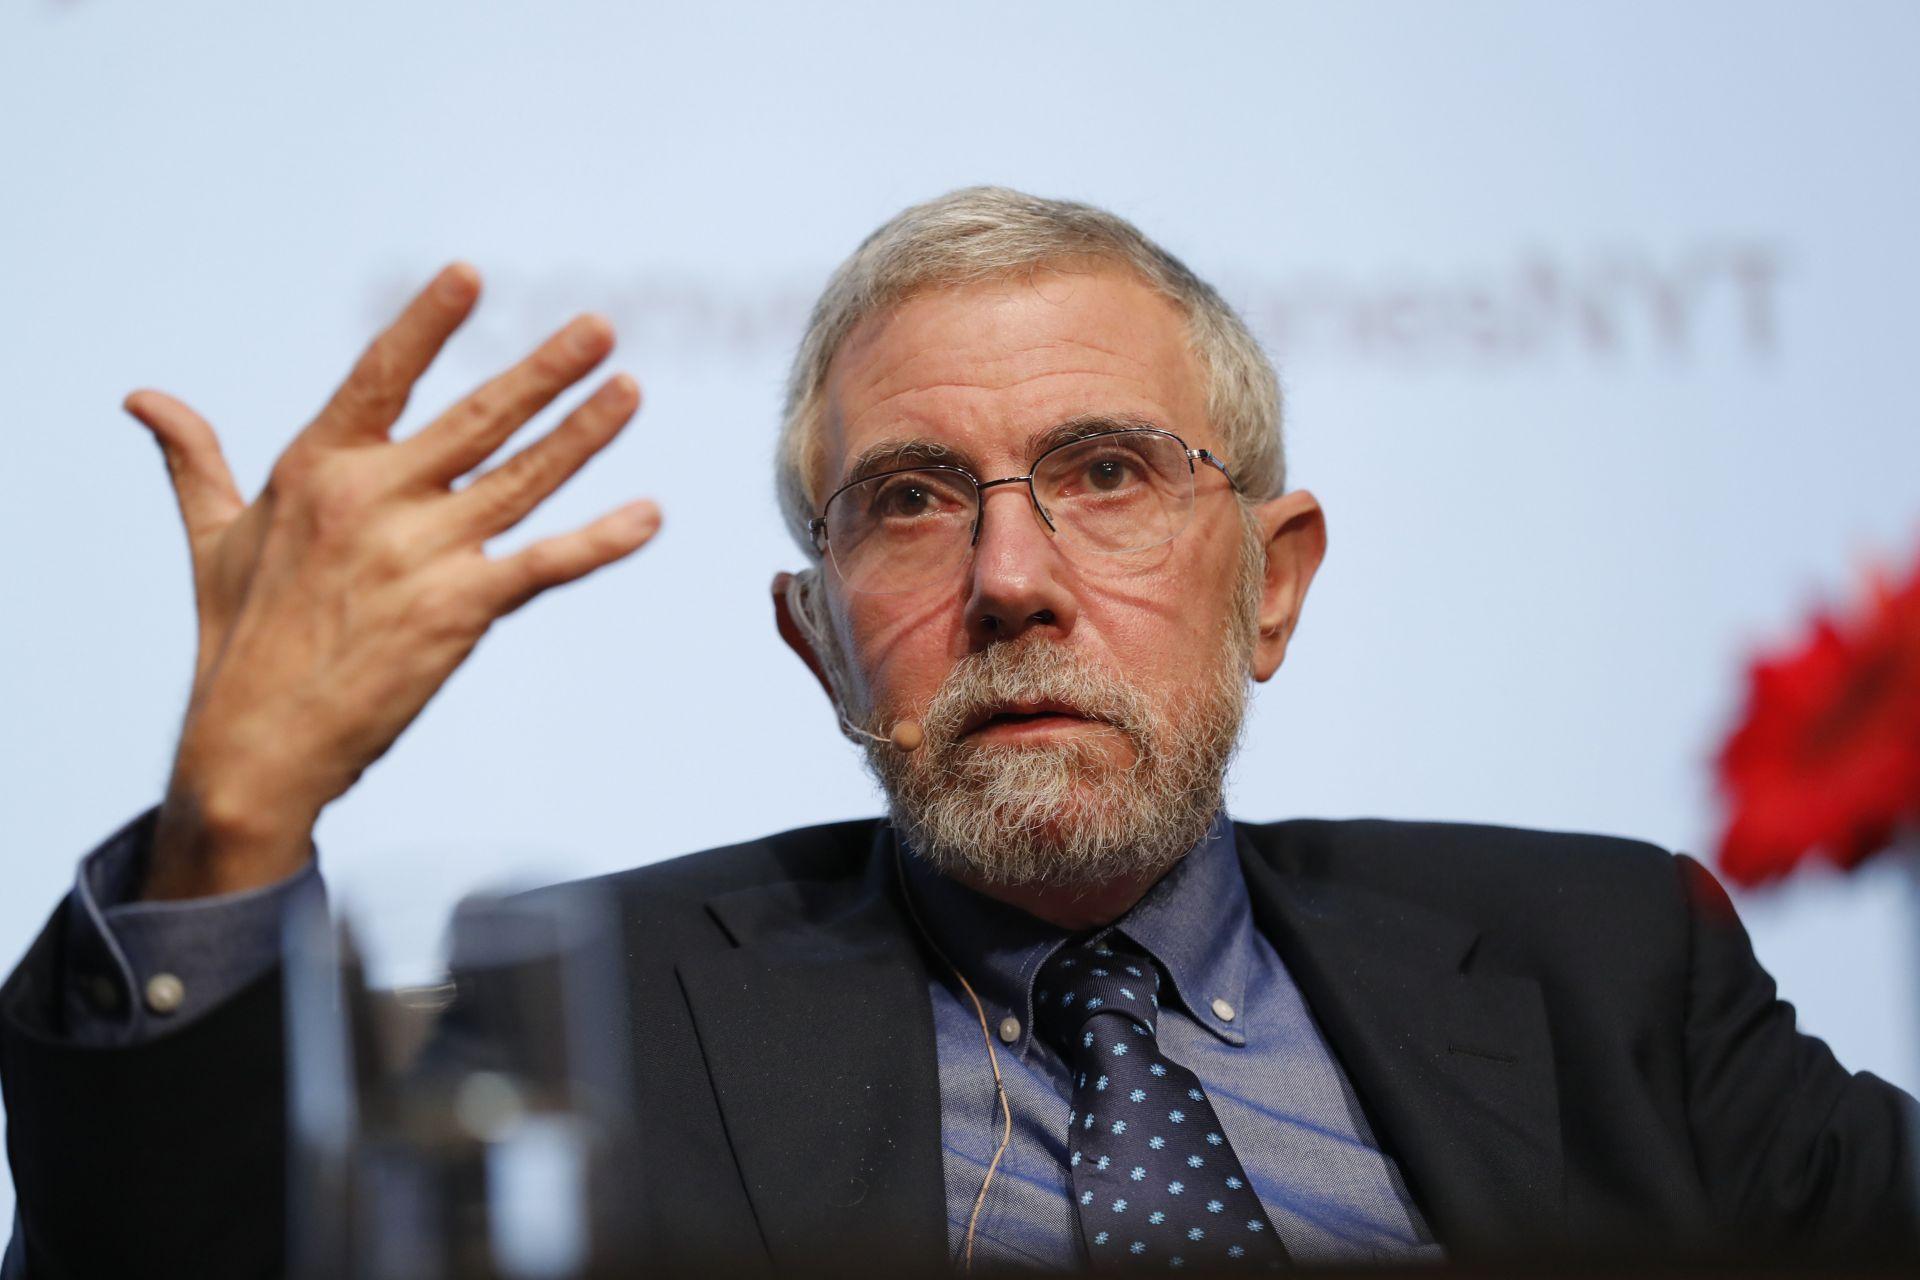 """El premio nobel de economía en 2008 Paul Krugman habla durante un conversatorio hoy, miércoles 18 de octubre de 2017, en Ciudad de México (México). Krugman estimó hoy en un 25 % las posibilidades de que se cancele el Tratado de Libre Comercio de América del Norte (TLCAN) por las presiones de EE.UU., cuyas demandas calificó de """"píldoras venenosas""""."""